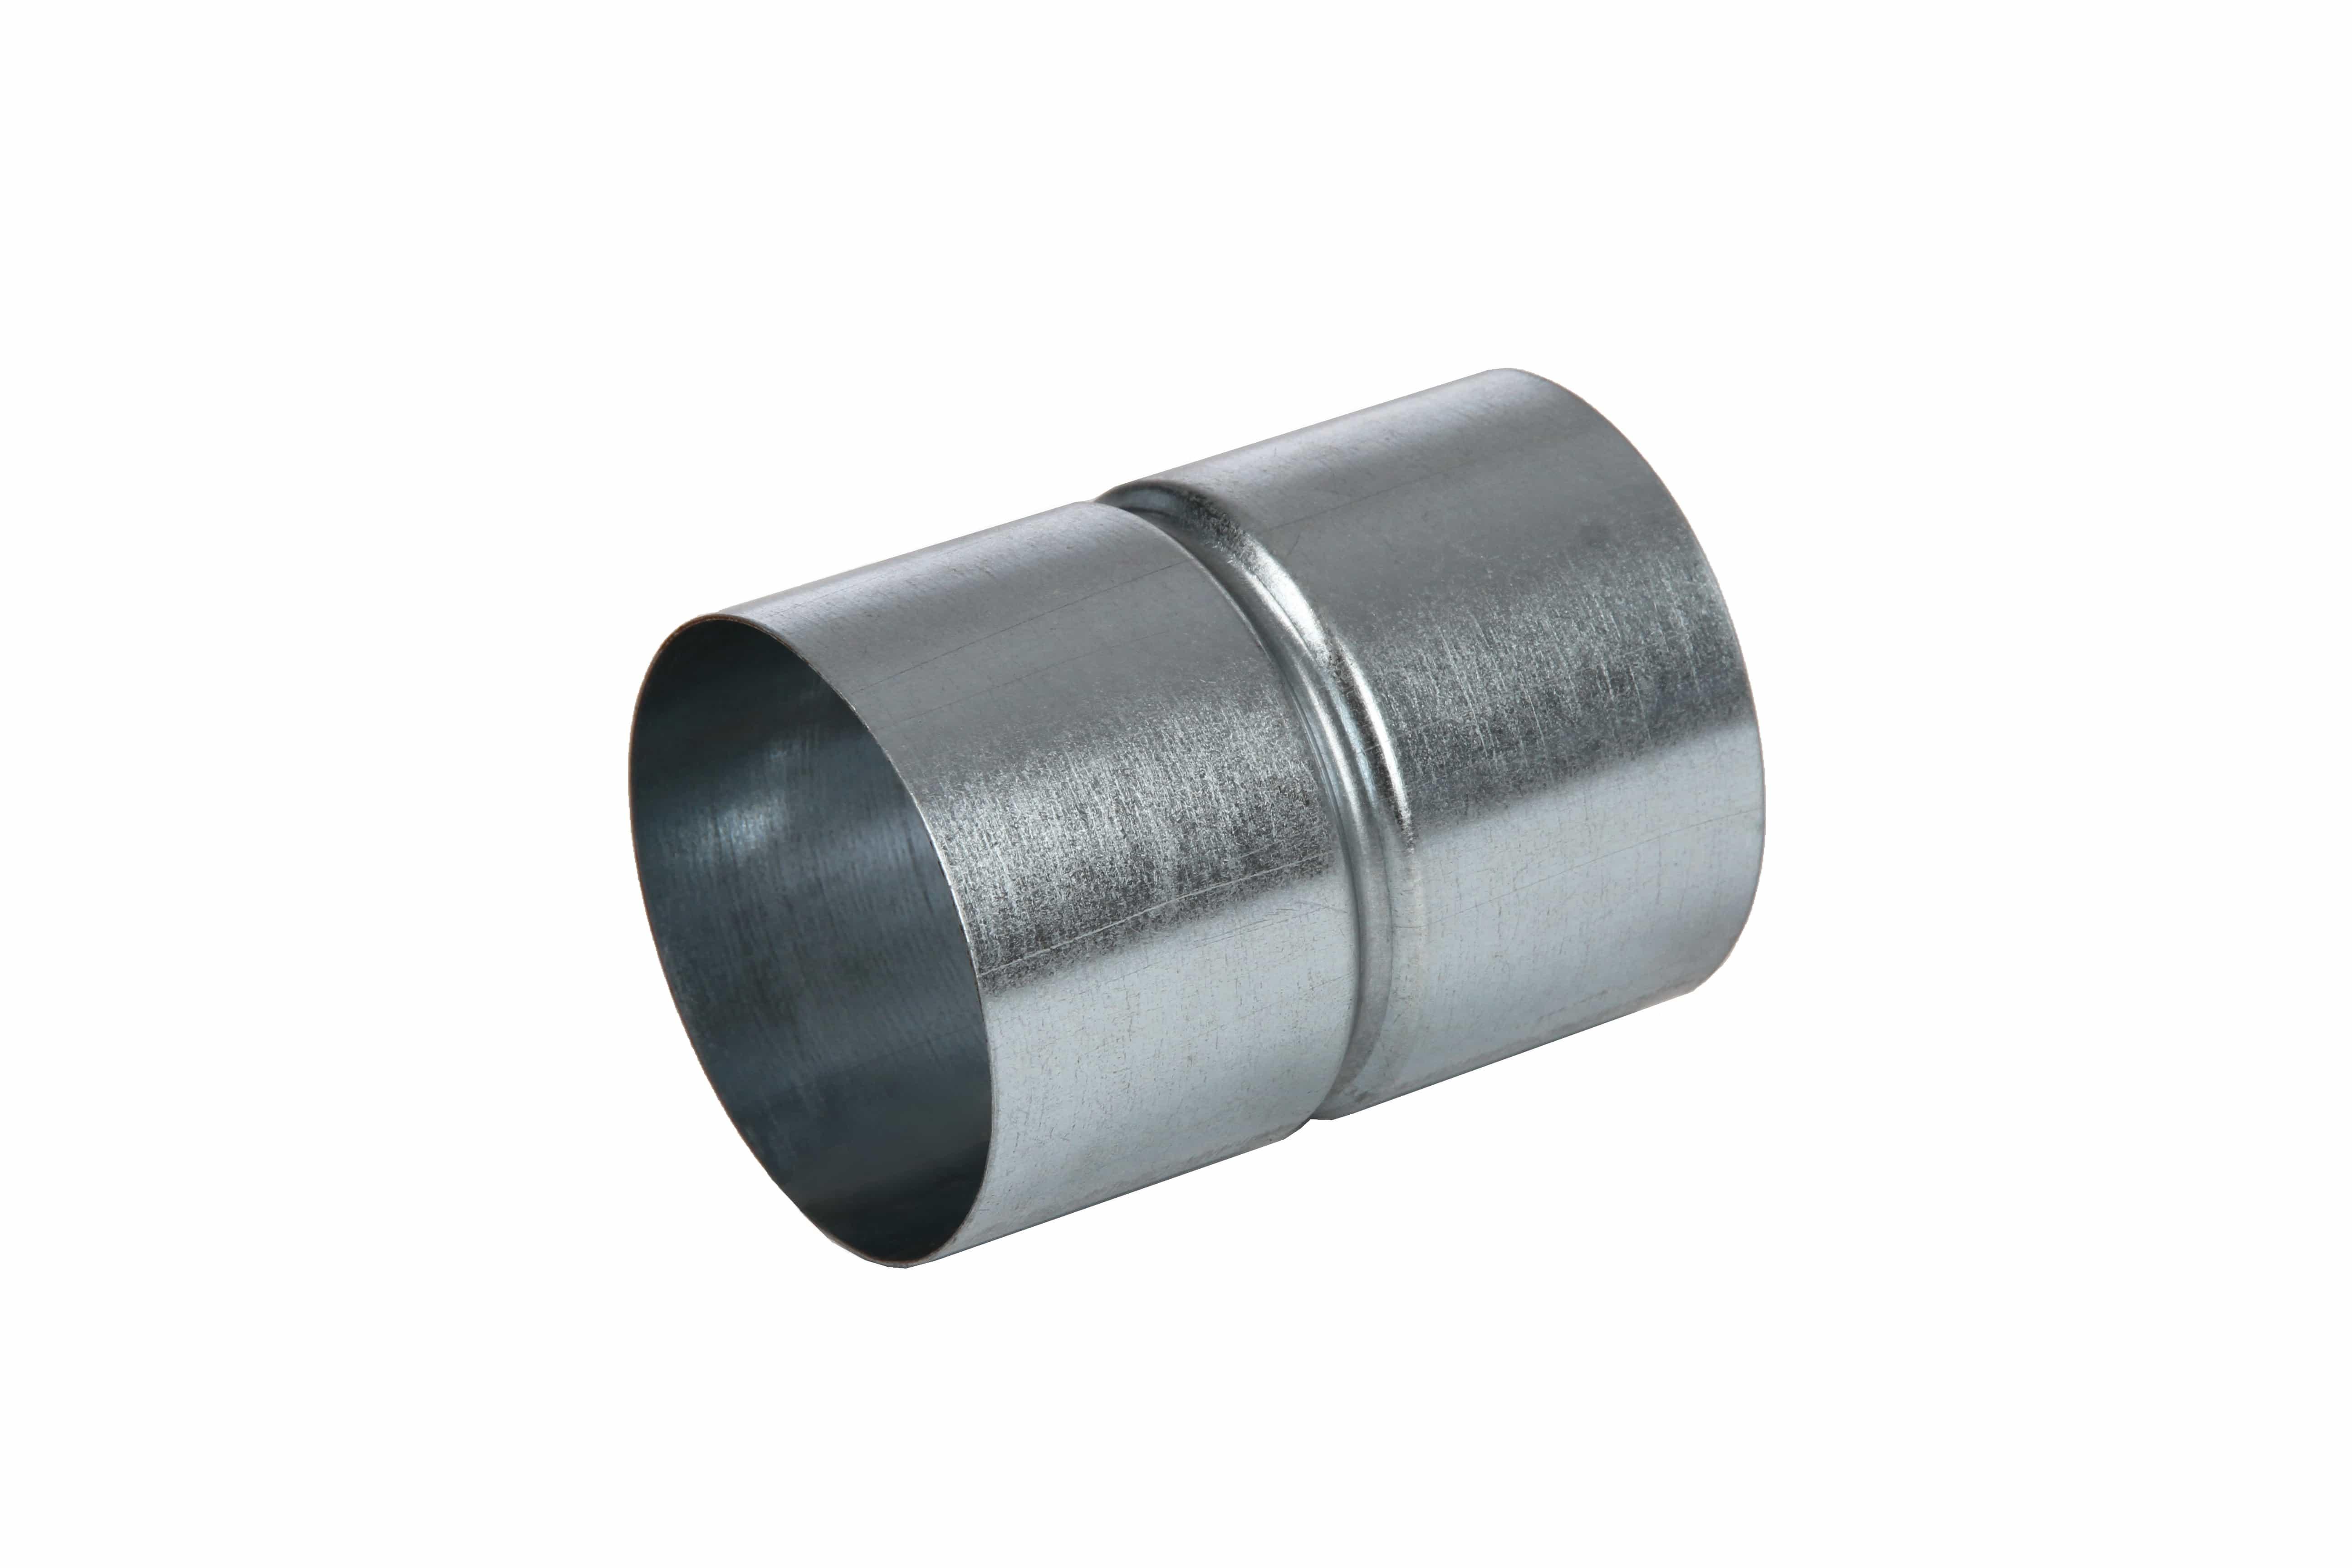 Muffe für Kunststoff-Lüftungsrohr Ø 63 mm